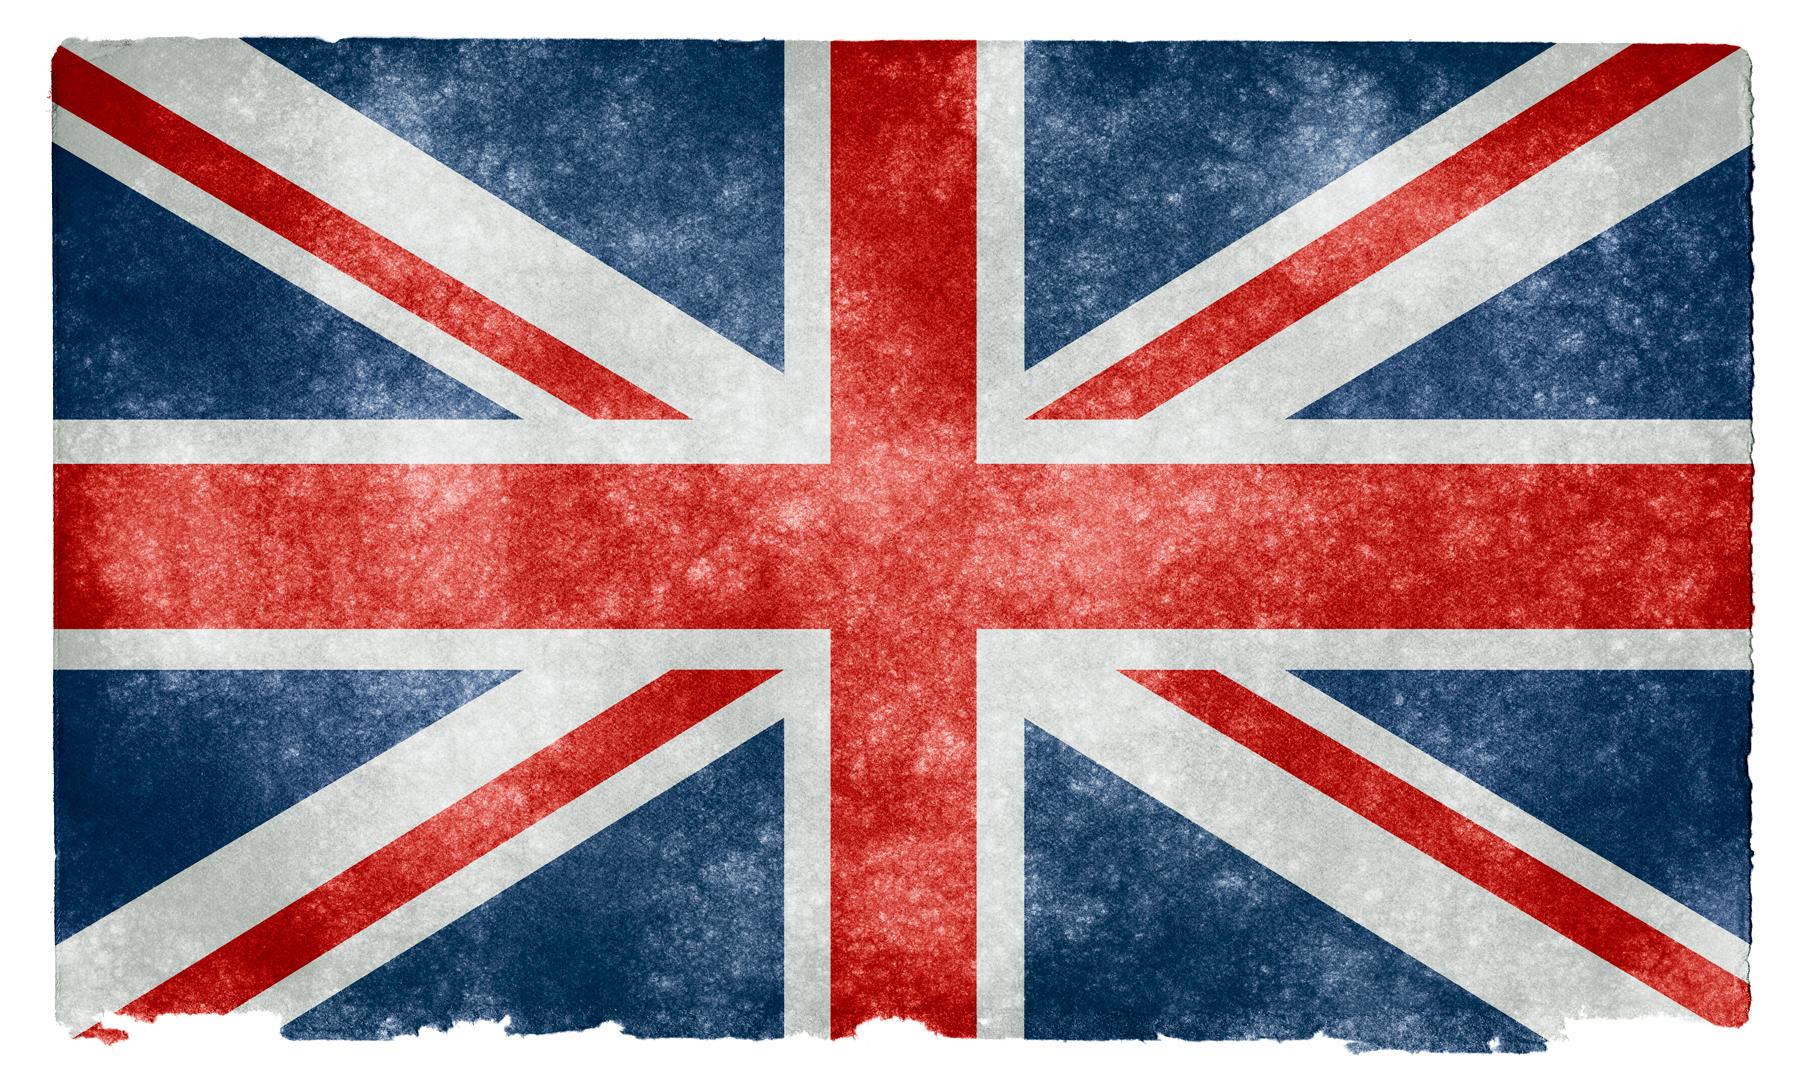 UK Grunge Flag, Aged, Sheet, Kingdom, Nation, HQ Photo